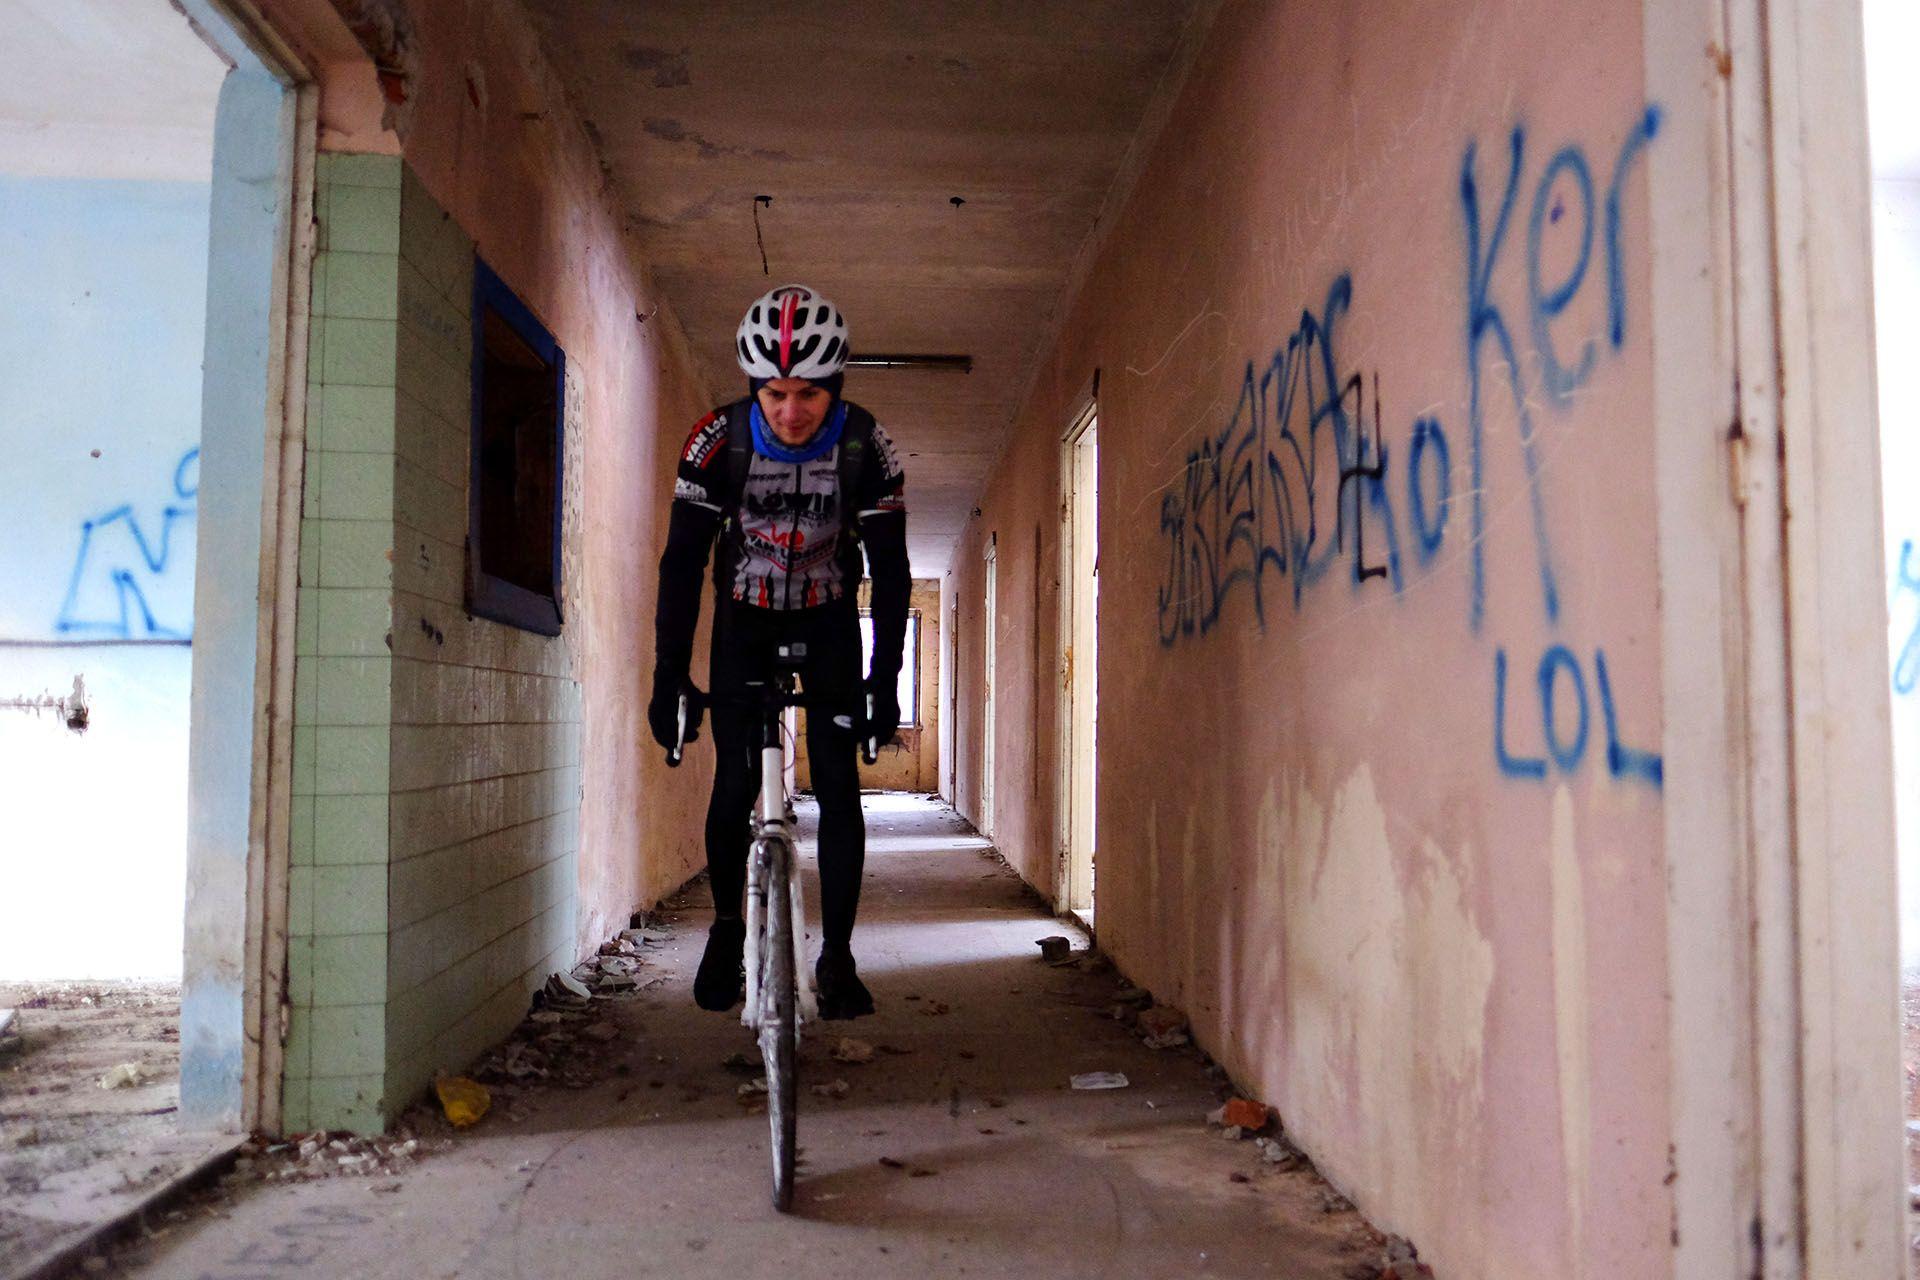 Людина з графіті на боці будівлі